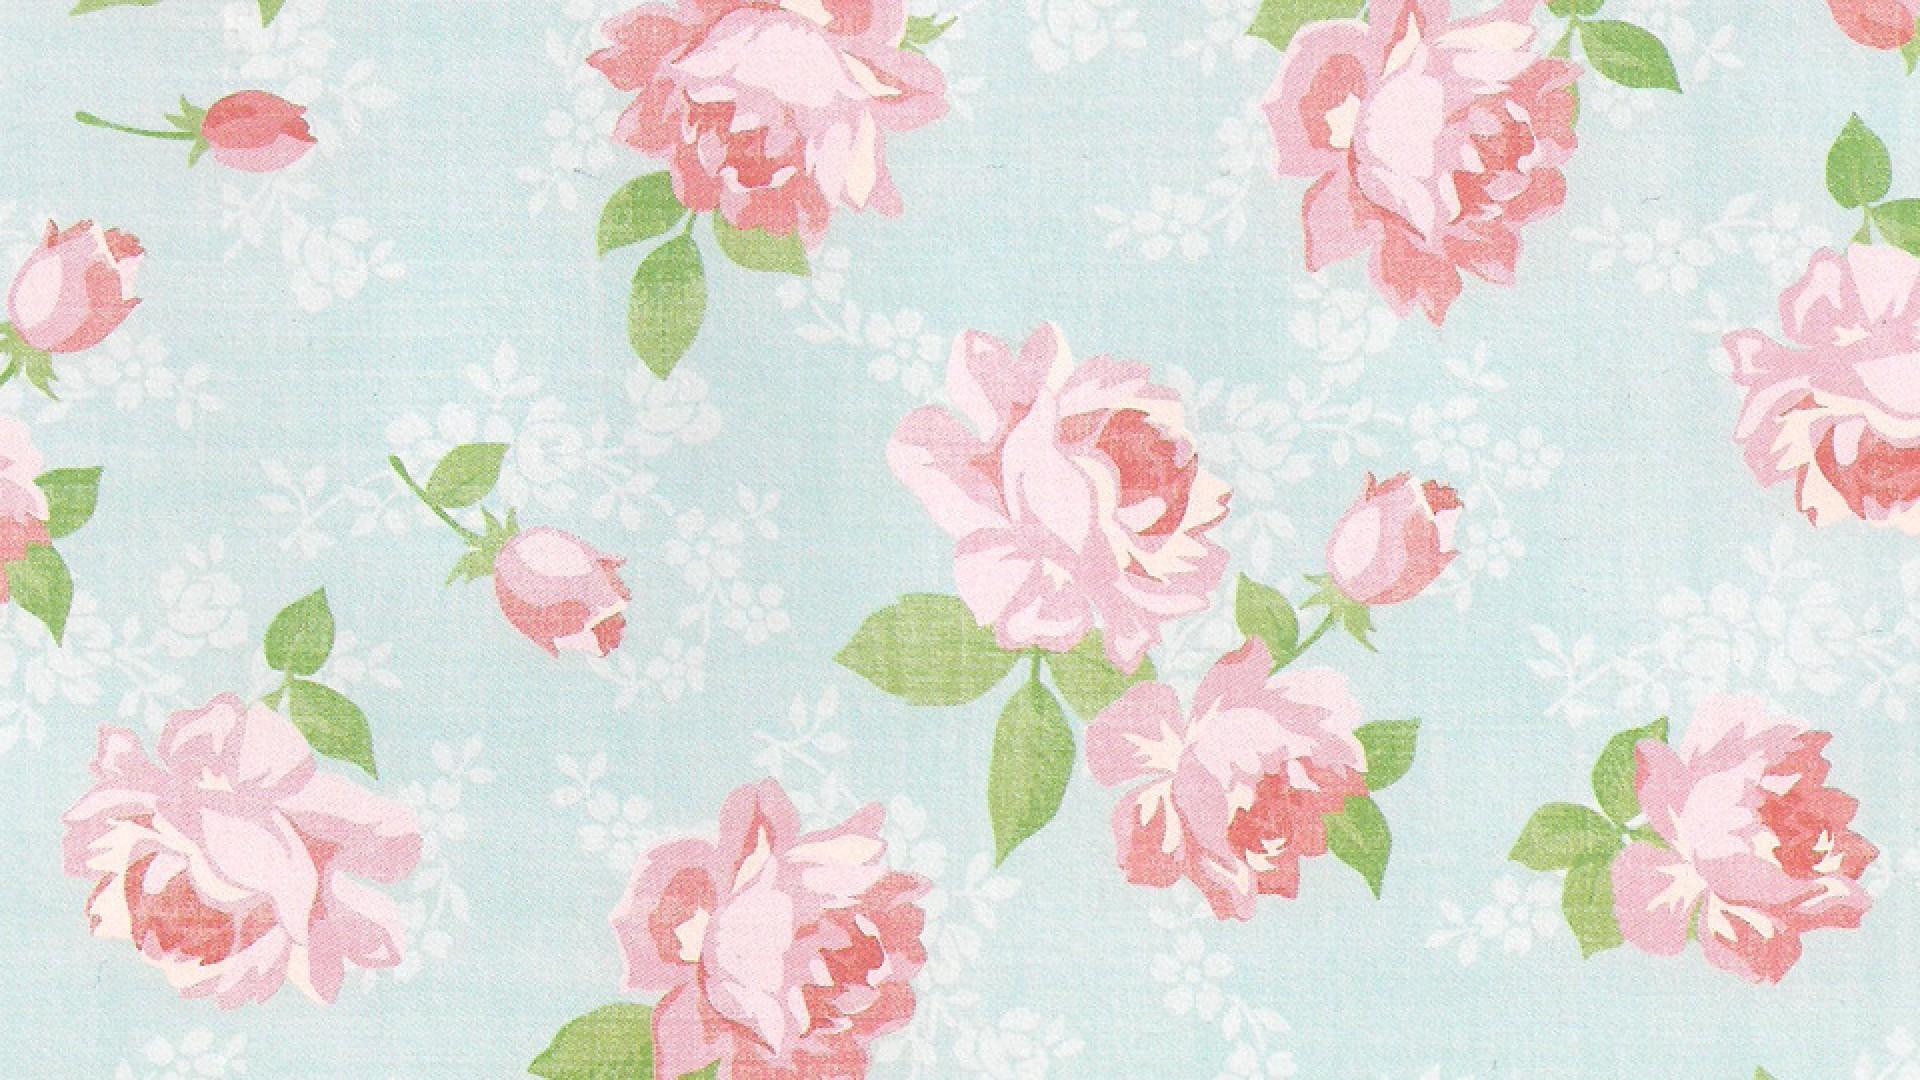 Floral Vintage Tumblr Gaya Vintage Download Backgrounds for ...